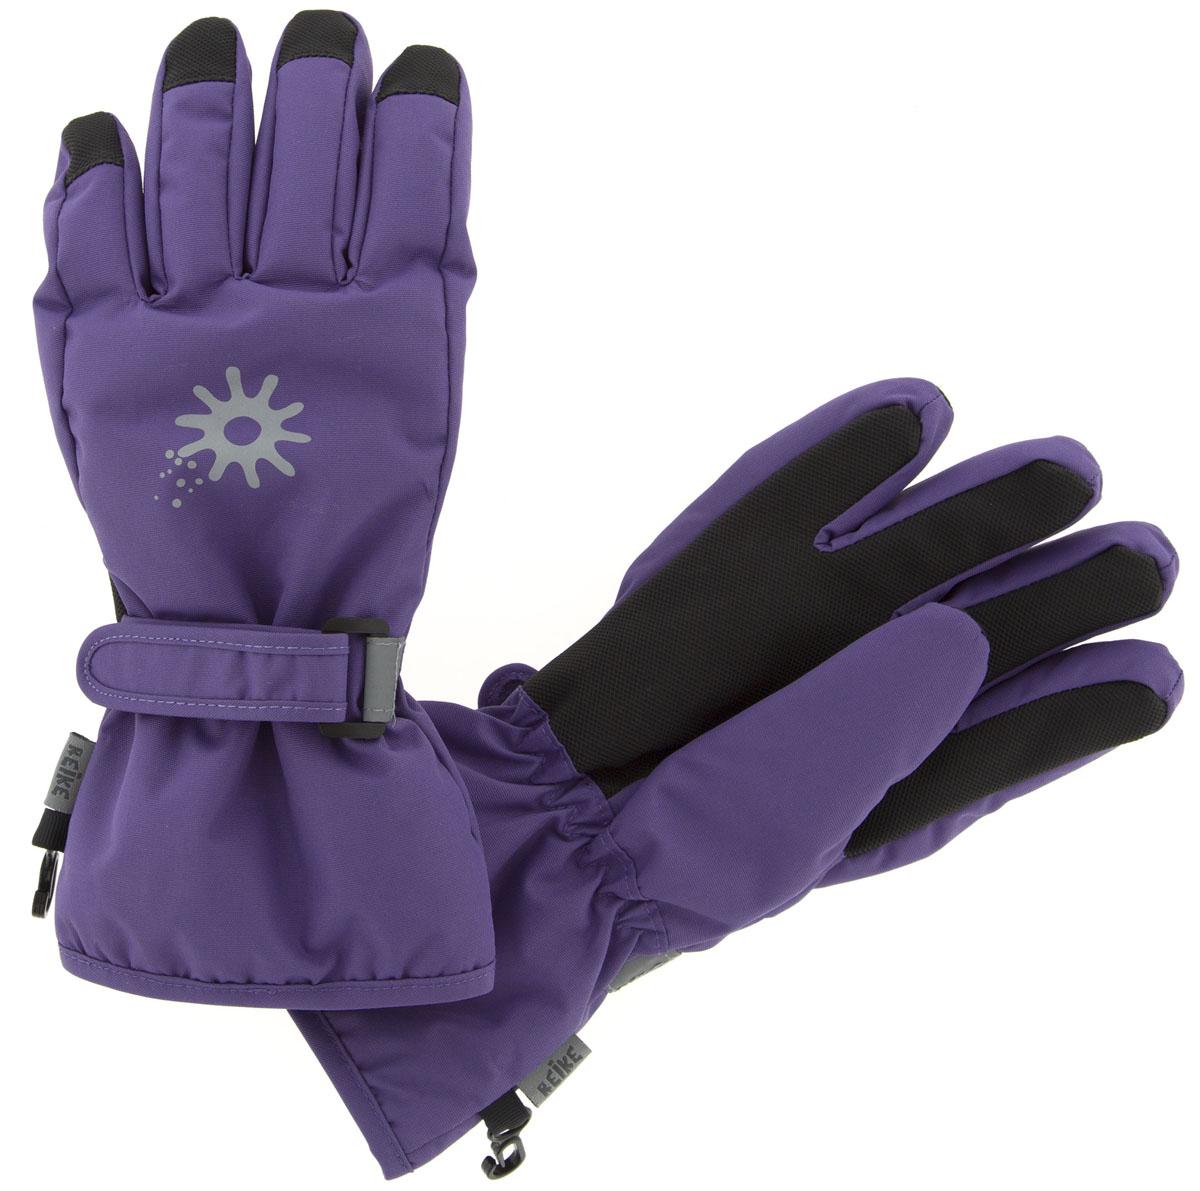 Перчатки для девочки Reike Зимние звезды, цвет: фиолетовый. RW18_WSR purple. Размер 8 перчатки reike